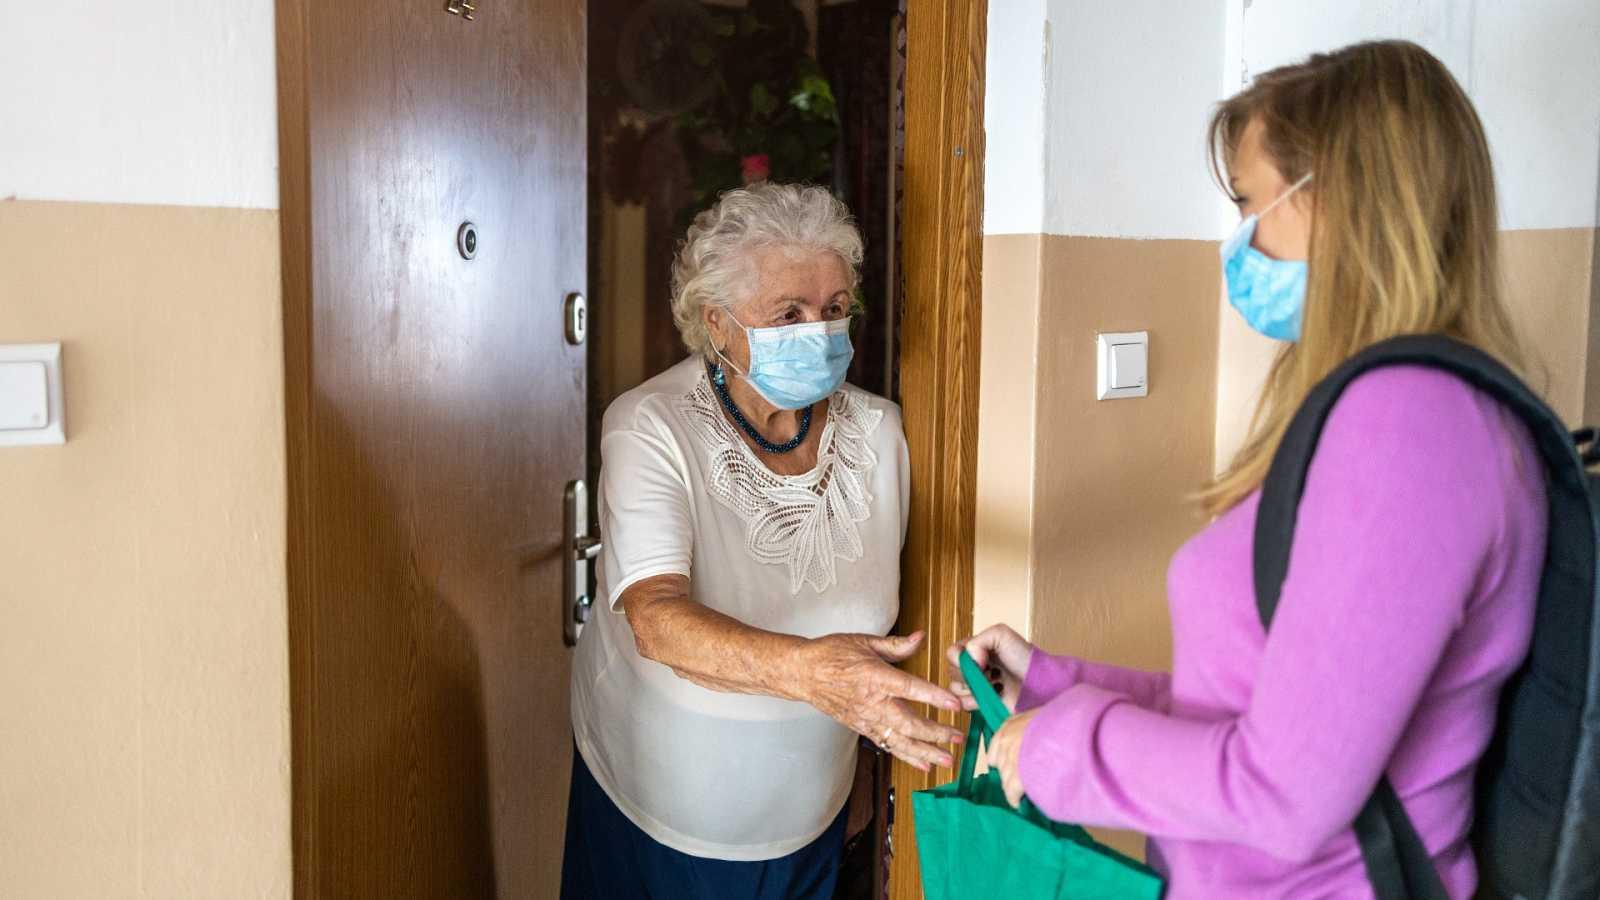 Las auxiliares de ayuda a domicilio, el segundo grupo de trabajadoras esenciales con más contagios